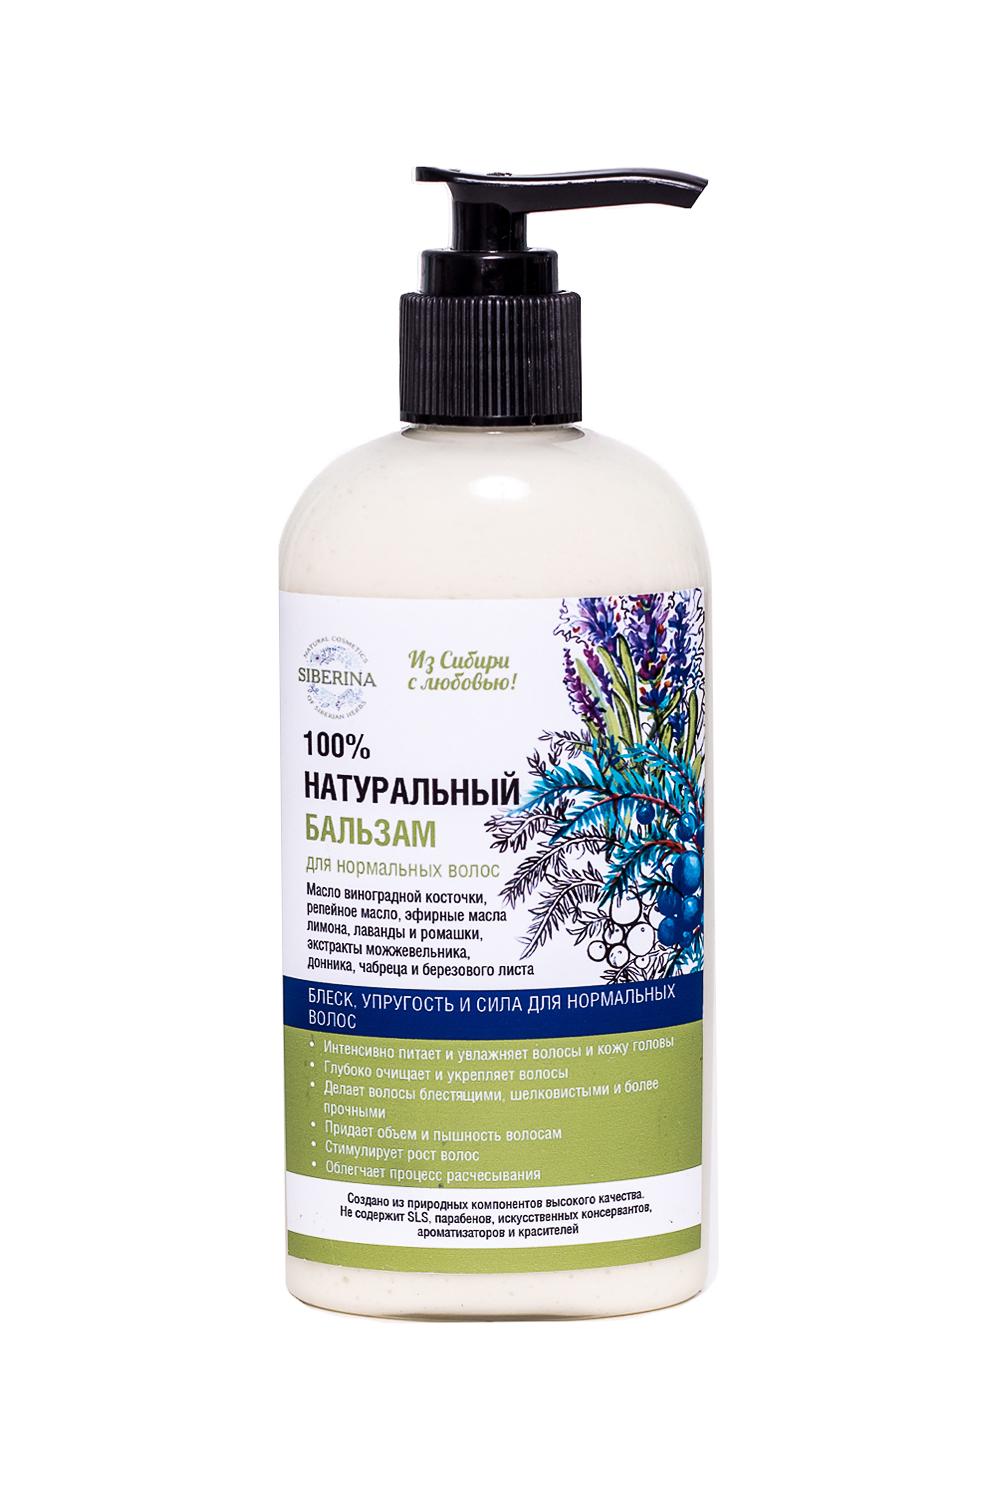 Натуральный бальзам Для нормальных волосБальзамы для волос<br>Натуральный Бальзам Для Нормальных Волос  Состав:  Вода дистиллированная, эмульгатор BTSM, цетилстеариловый спирт, глицерин, Д-пантенол, масло виноградной косточки, репейное масло, молочная кислота, эфирные масла лаванды, ромашки и лимона, витамин Е, экстракты можжевельника, донника, чабреца, березового листа, ламинарии, фукуса, одуванчика, крапивы и аира.  Рекомендуется:  Бальзам идеально подходит для ежедневного использования. Придает нормальным волосам дополнительный блеск, обеспечивает им мягкость, прочность и облегчает расчесывание.  Активные Ингредиенты И Их Действие: Масло Виноградной Косточки борется с жирностью, перхотью, микротрещинами, расчесами, гнойничками, раздражением, выпадением волос, слабостью фолликулов, сухостью, ломкостью волос, секущимися кончиками, тусклыми локонами, питает корни волос, насыщая кожу микроэлементами и витаминами, тонизирует клетки, усиливая обмен веществ, кровообращение, повышает тургор кожи, действуя как натуральный тоник. Содержание витамина С и Е обуславливает его регенерирующие свойства. Не вызывает аллергии, раздражения, легко усваивается кожей.                                               Репейное Масло помогает восстановить полноценный обмен веществ, усилить капиллярное кровообращение в области волосистой части головы, и тем самым значительно укрепить волосяные стержни, и максимально ускорить естественный рост волос. Кроме того с его помощью можно не только предотвратить, но и остановить уже прогрессирующее выпадение волос. В частности применение репейного масла для волос обеспечивает необходимое питание корней и кожи головы, благодаря чему устраняется ощутимая сухость и зуд головы, исчезает сухая перхоть.                                                                                         Эфирное Масло Лаванды нормализует секрецию сальных желез, укрепляет фолликулы, улучшает кровообращение, водно-солевой обмен, мягко увлажняет кожу головы и тело волоса, п